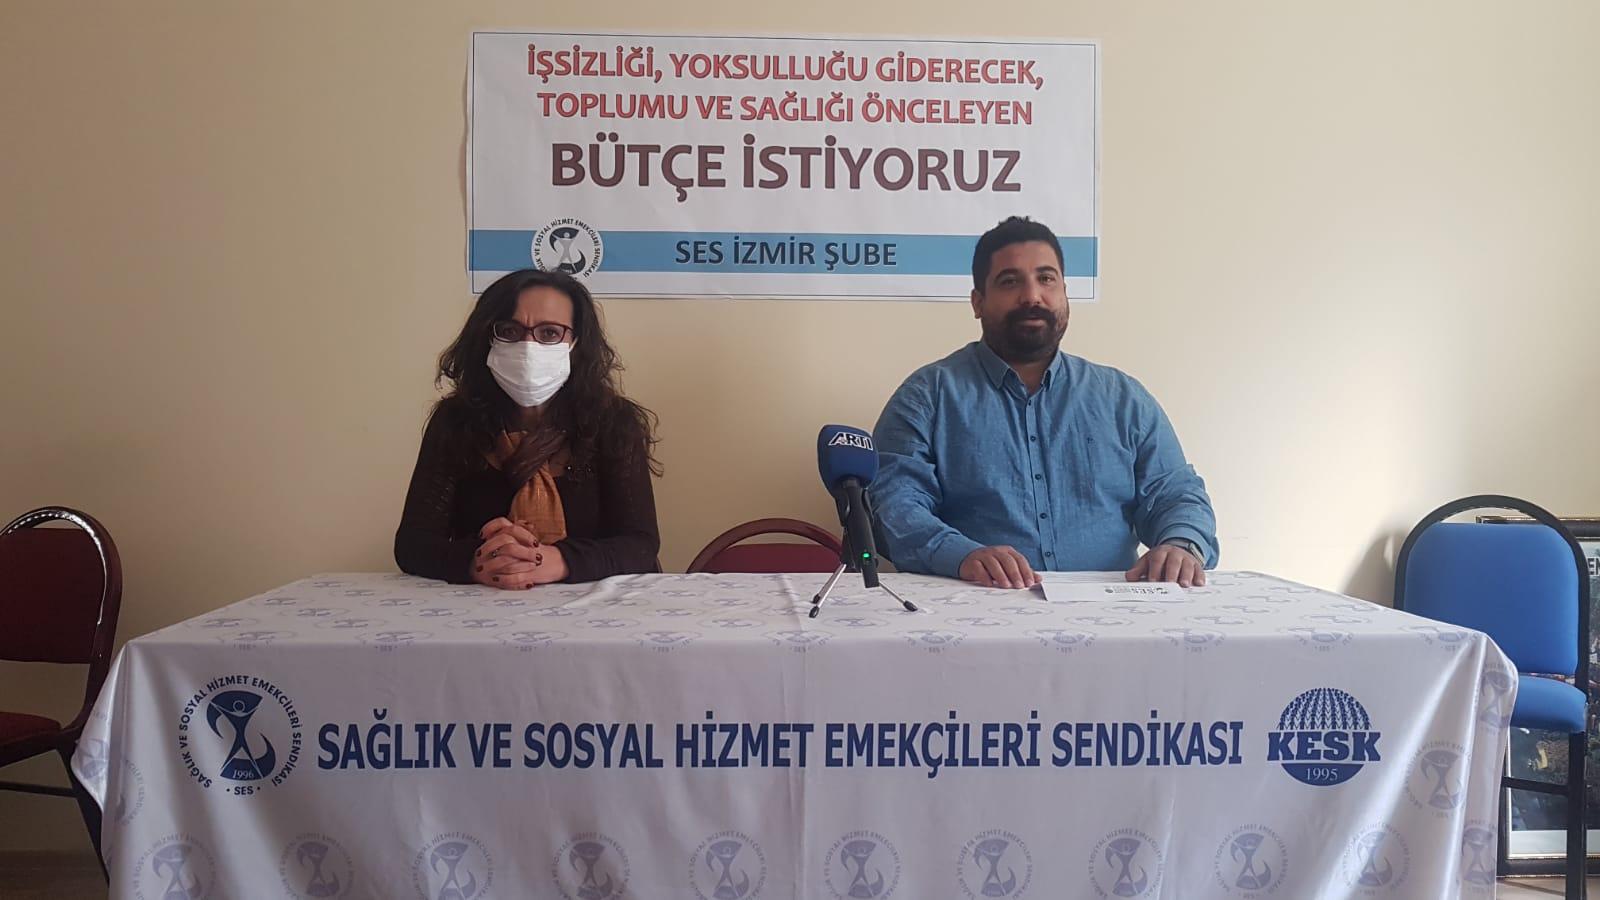 İzmir Şubemiz: Ranta Değil, Halka ve Sağlığa Bütçe